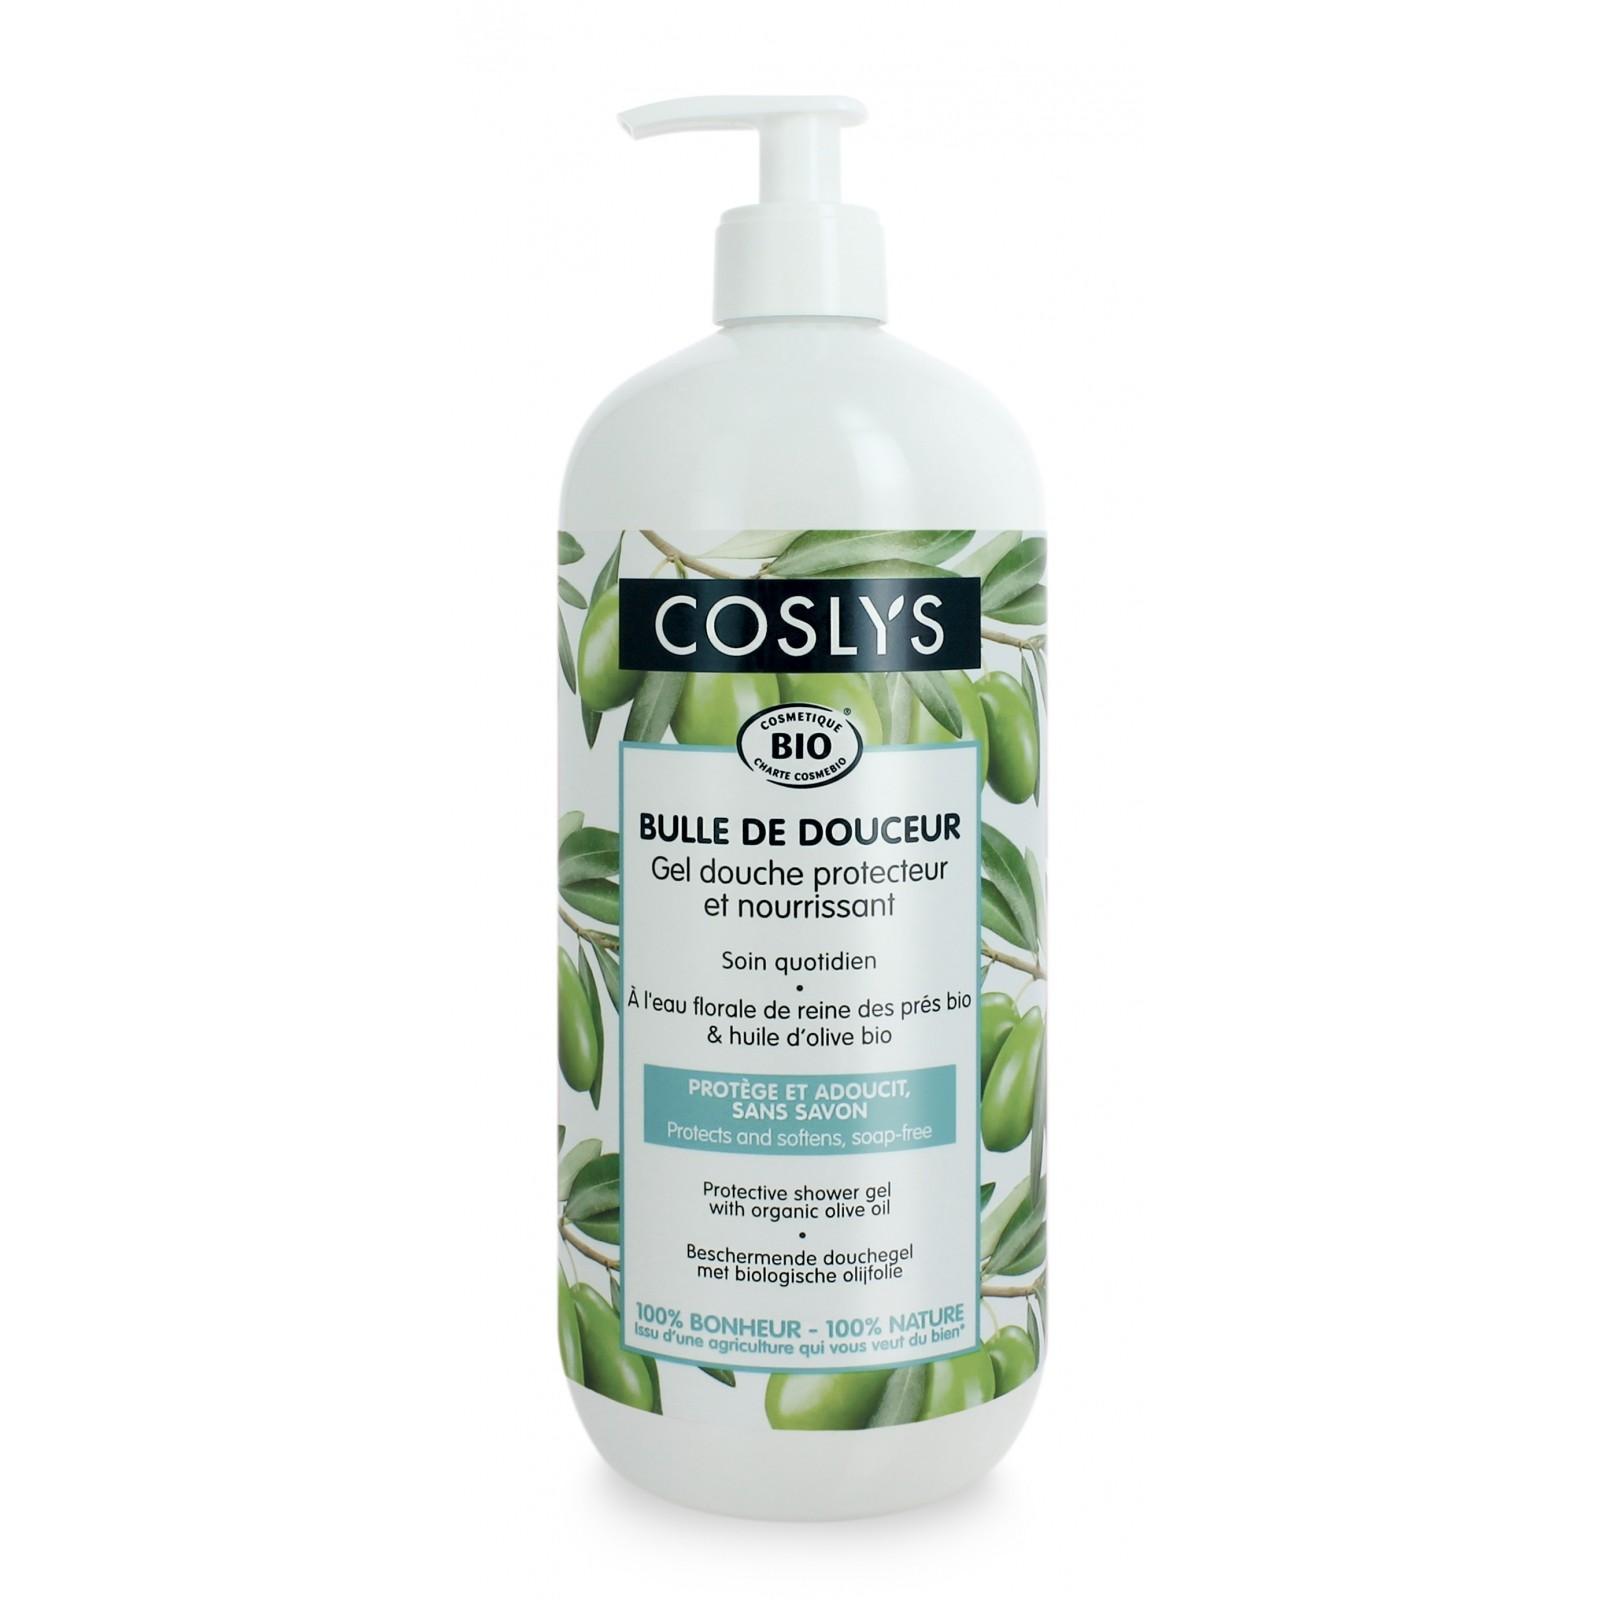 gel-douche-protecteur-a-l-olive-1l-coslys_8845-1_zoom.jpg